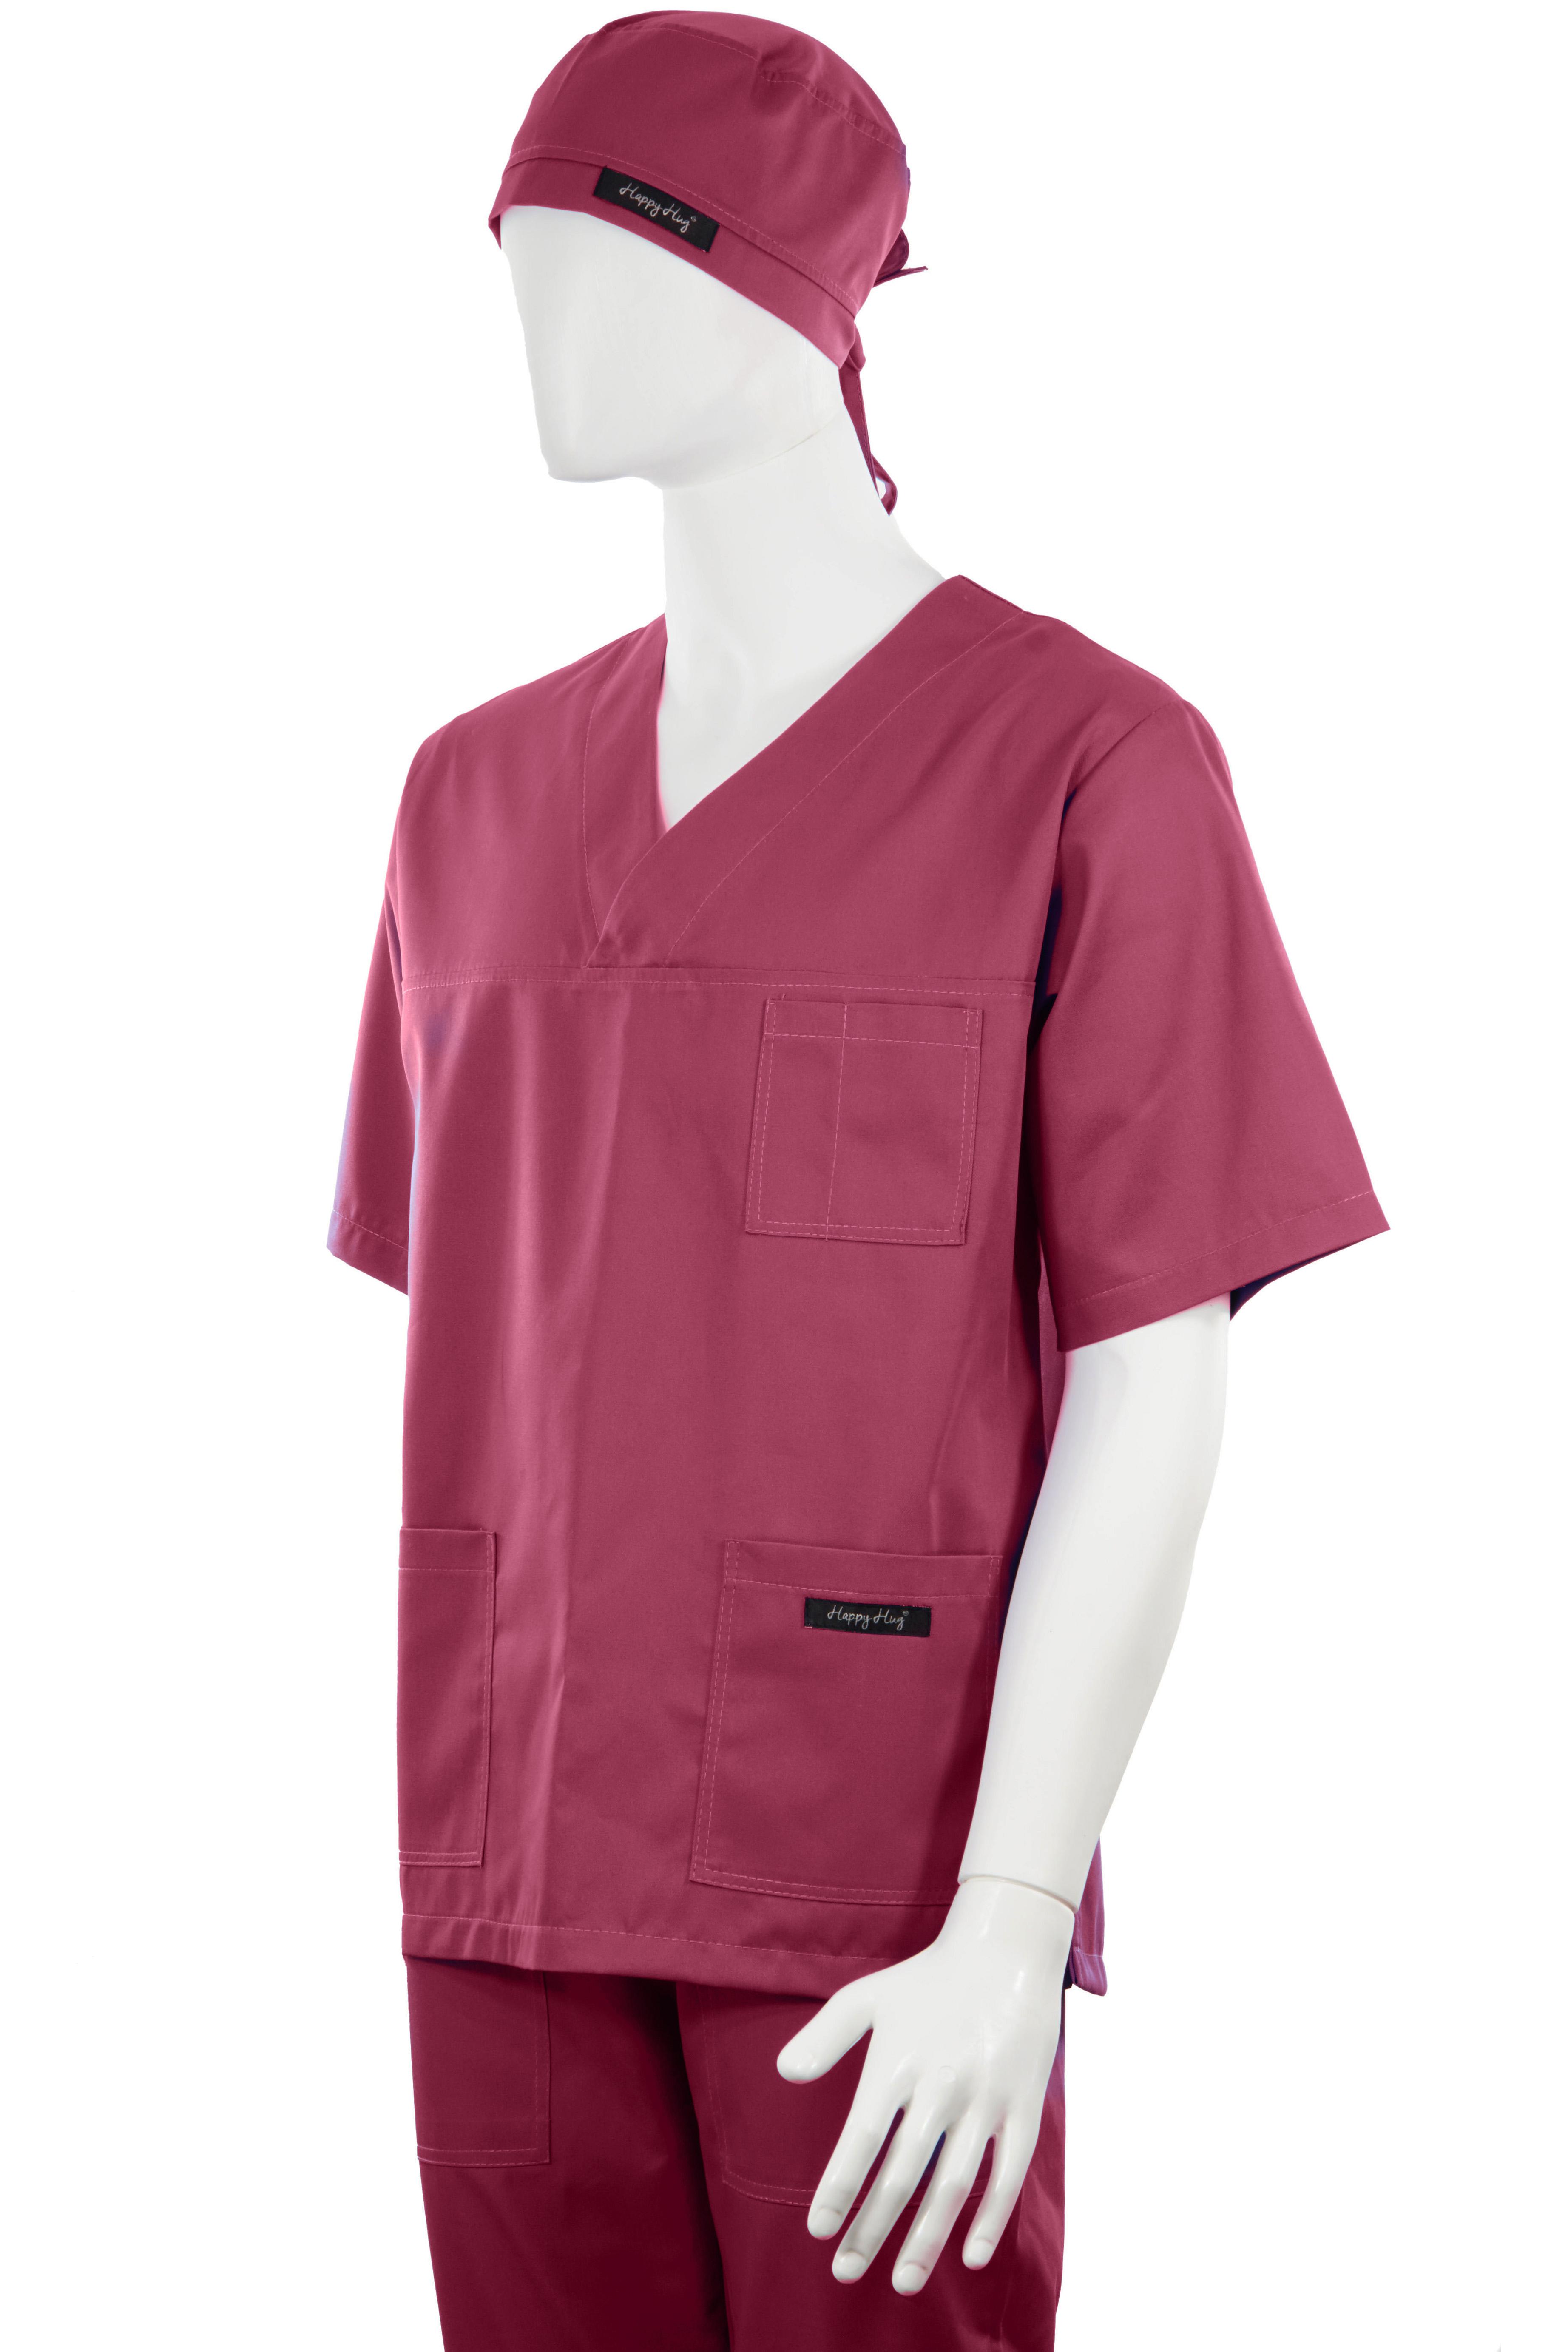 Costum Medical Unisex bordeaux 2XL 2XL [3]